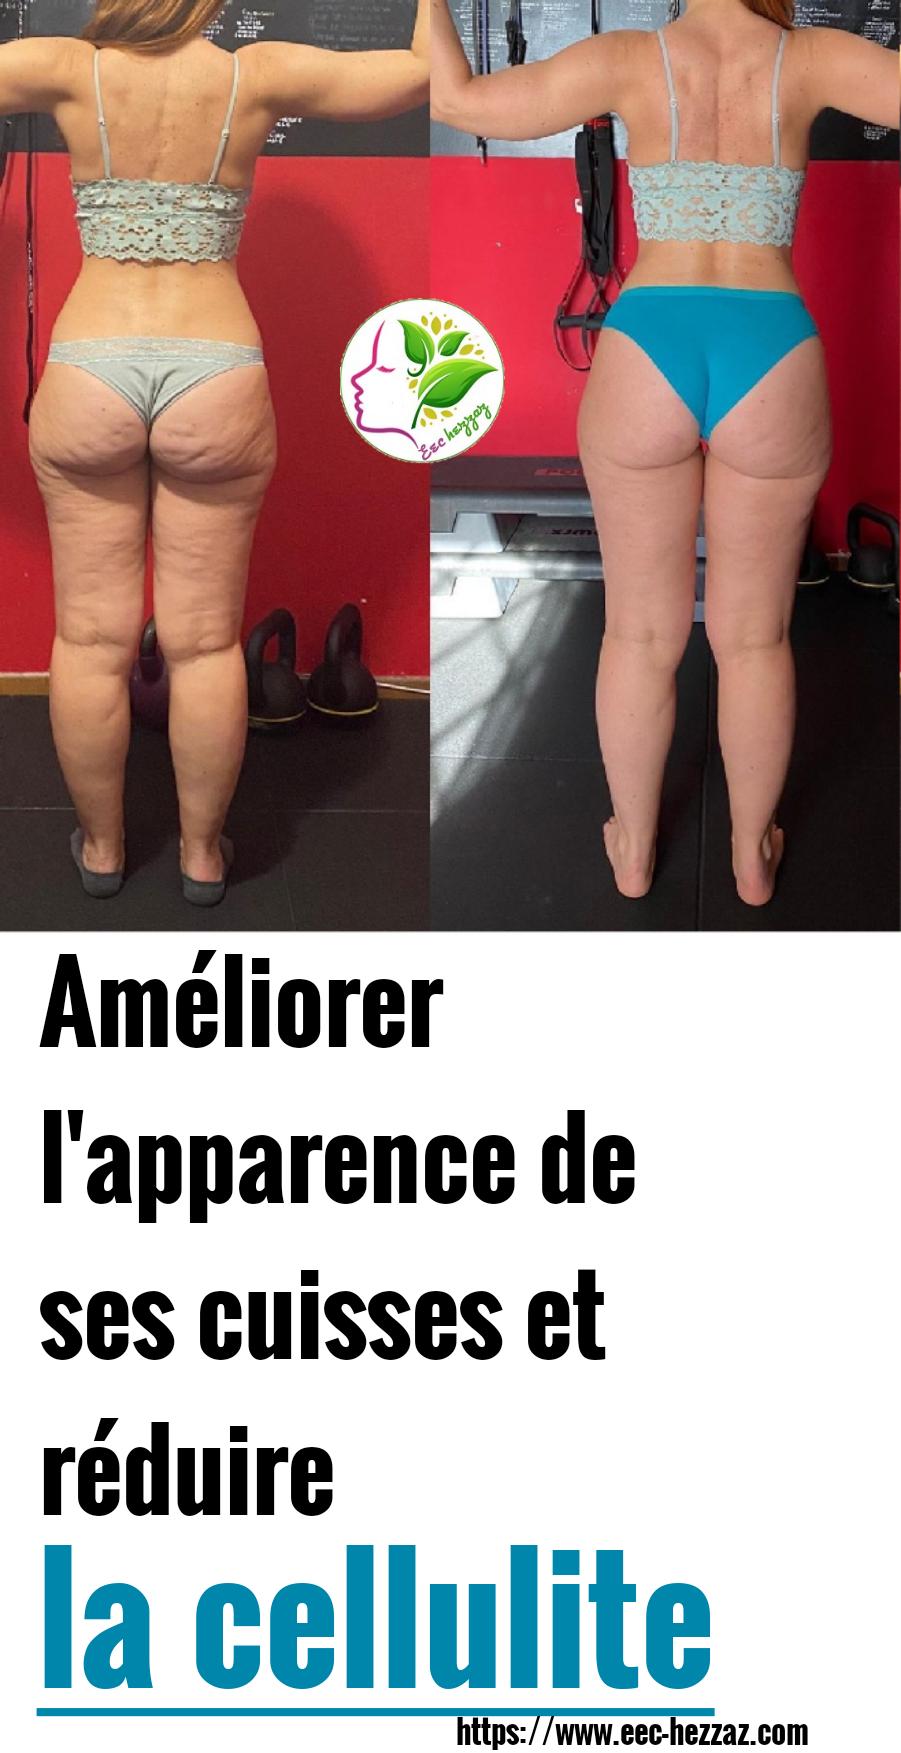 Améliorer l'apparence de ses cuisses et réduire la cellulite